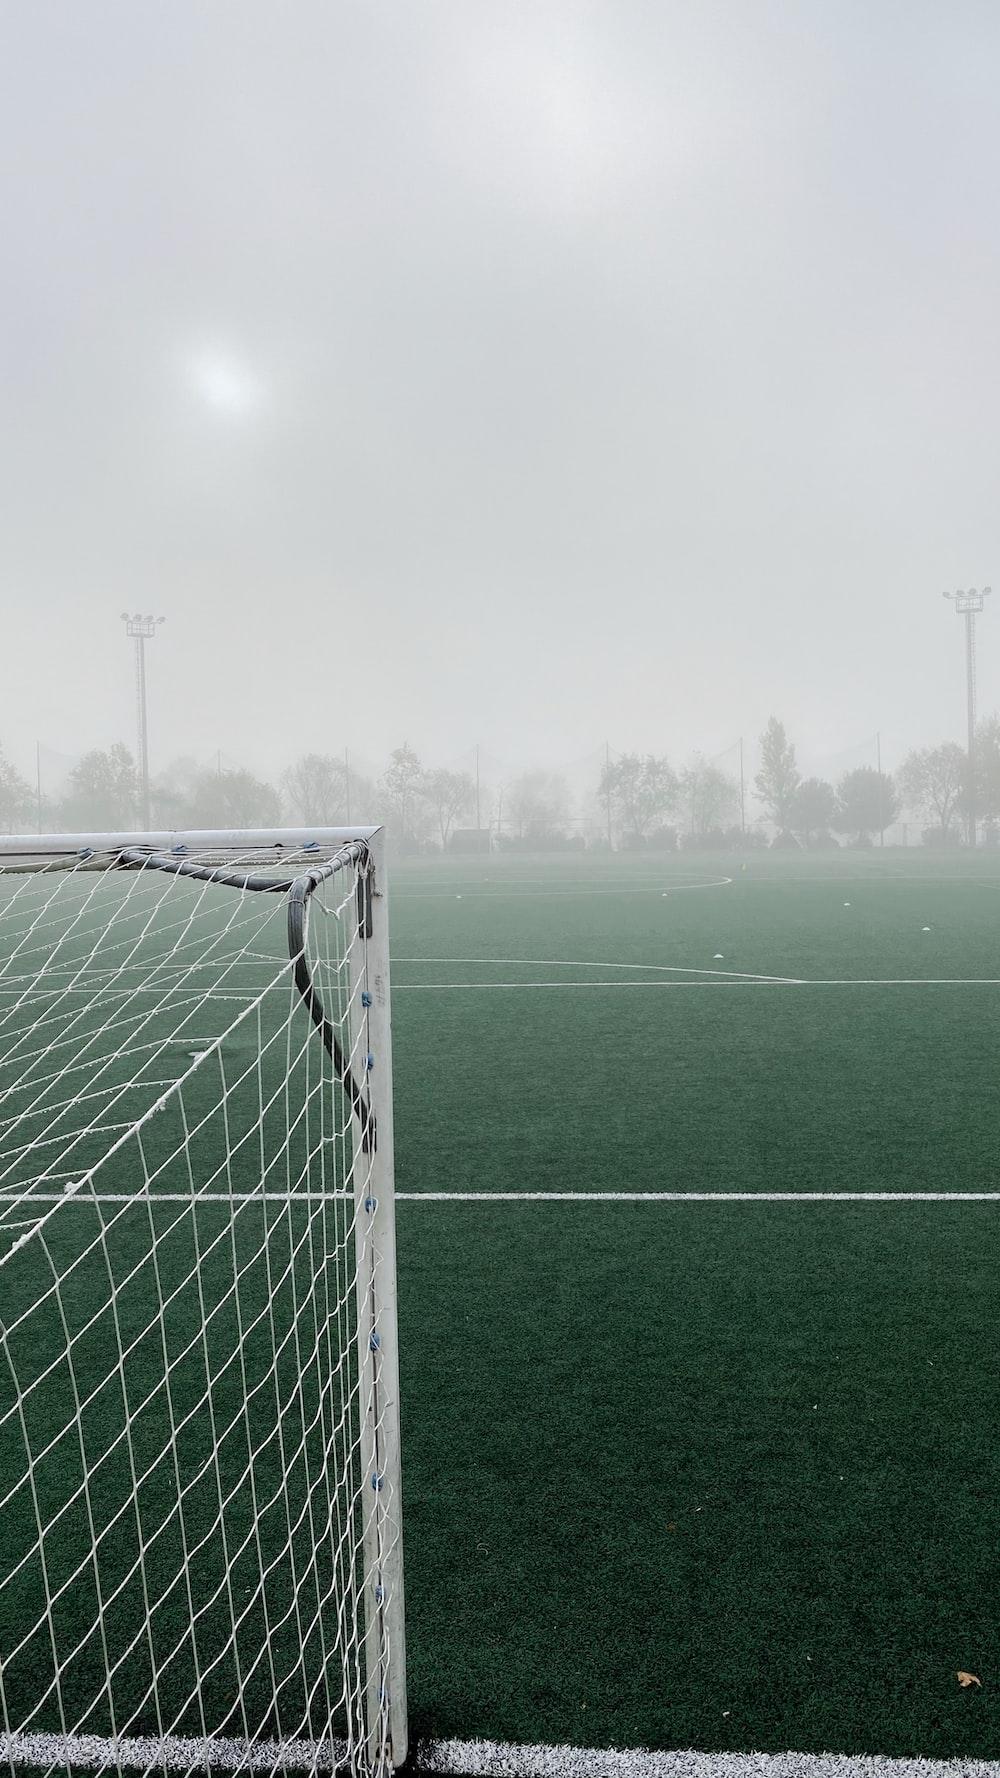 white goal net